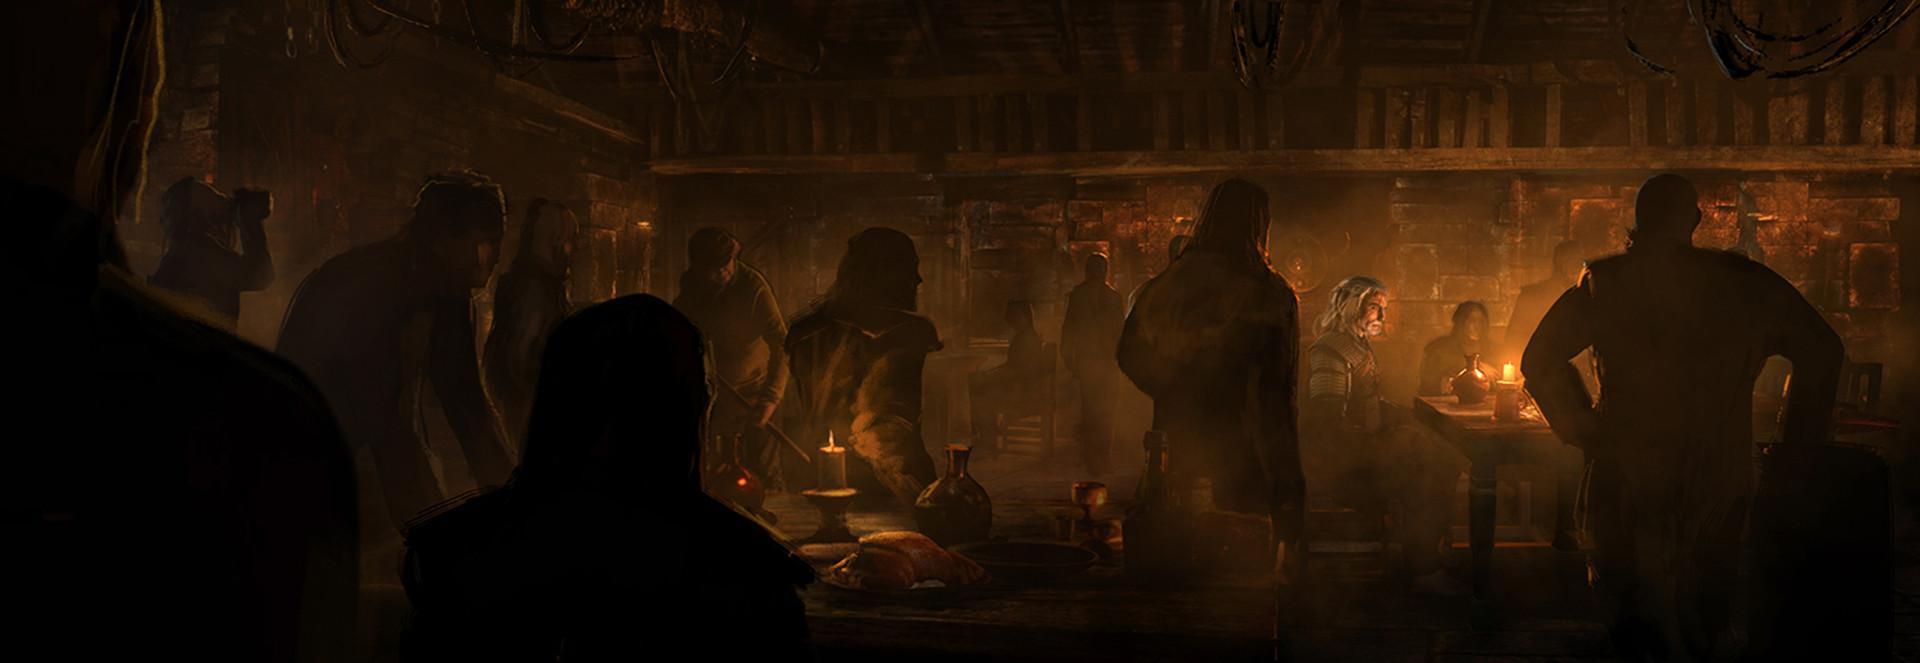 Eva kedves gwent tavern int mid v0302